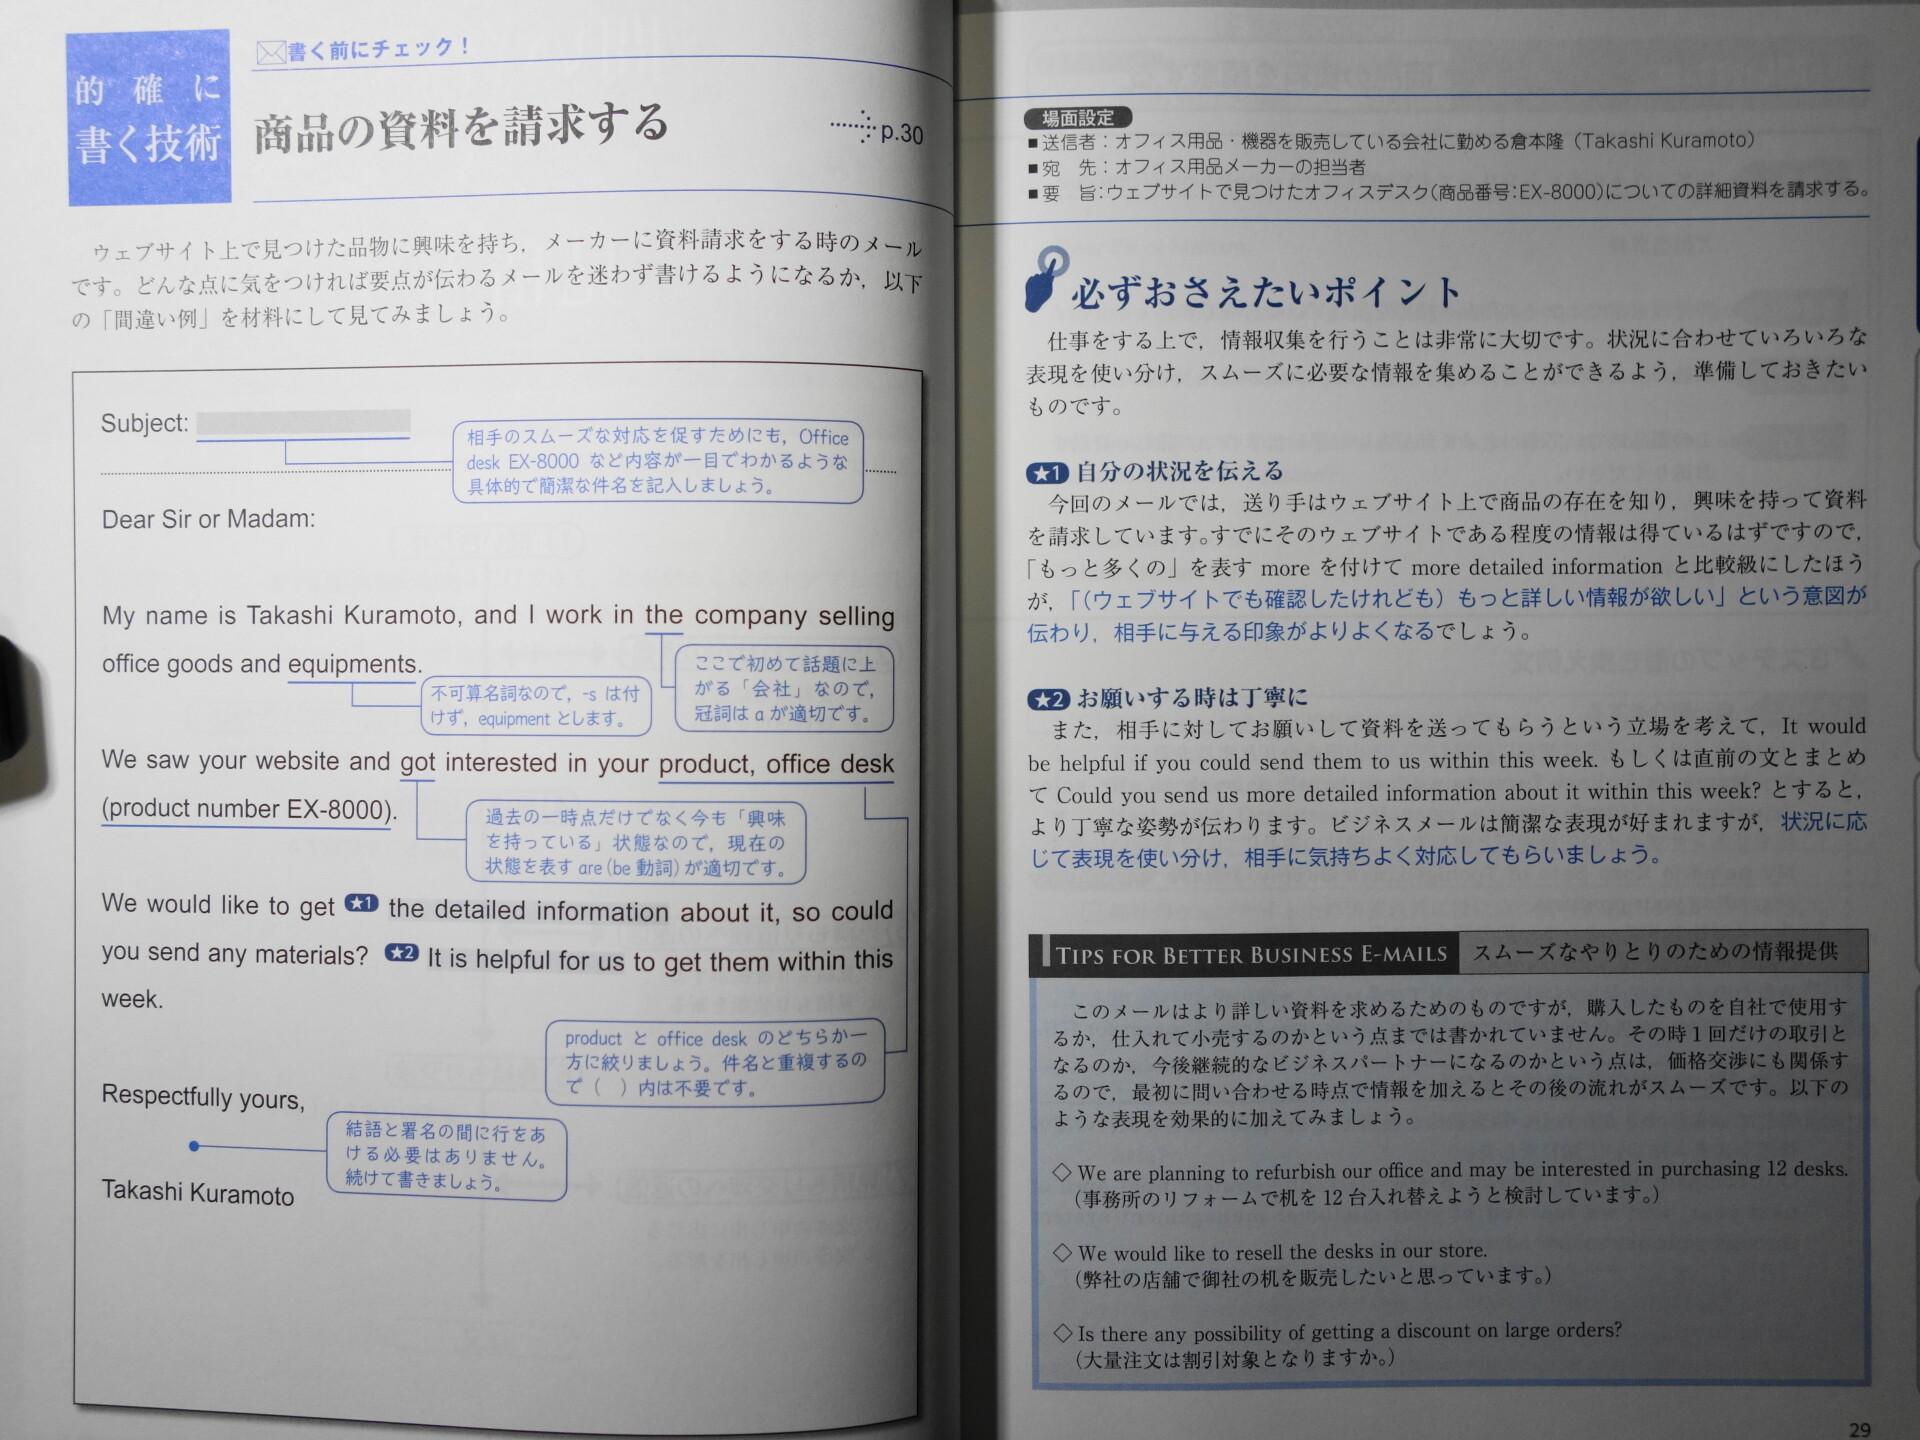 英文ビジネスEメール実例表現1200の本編